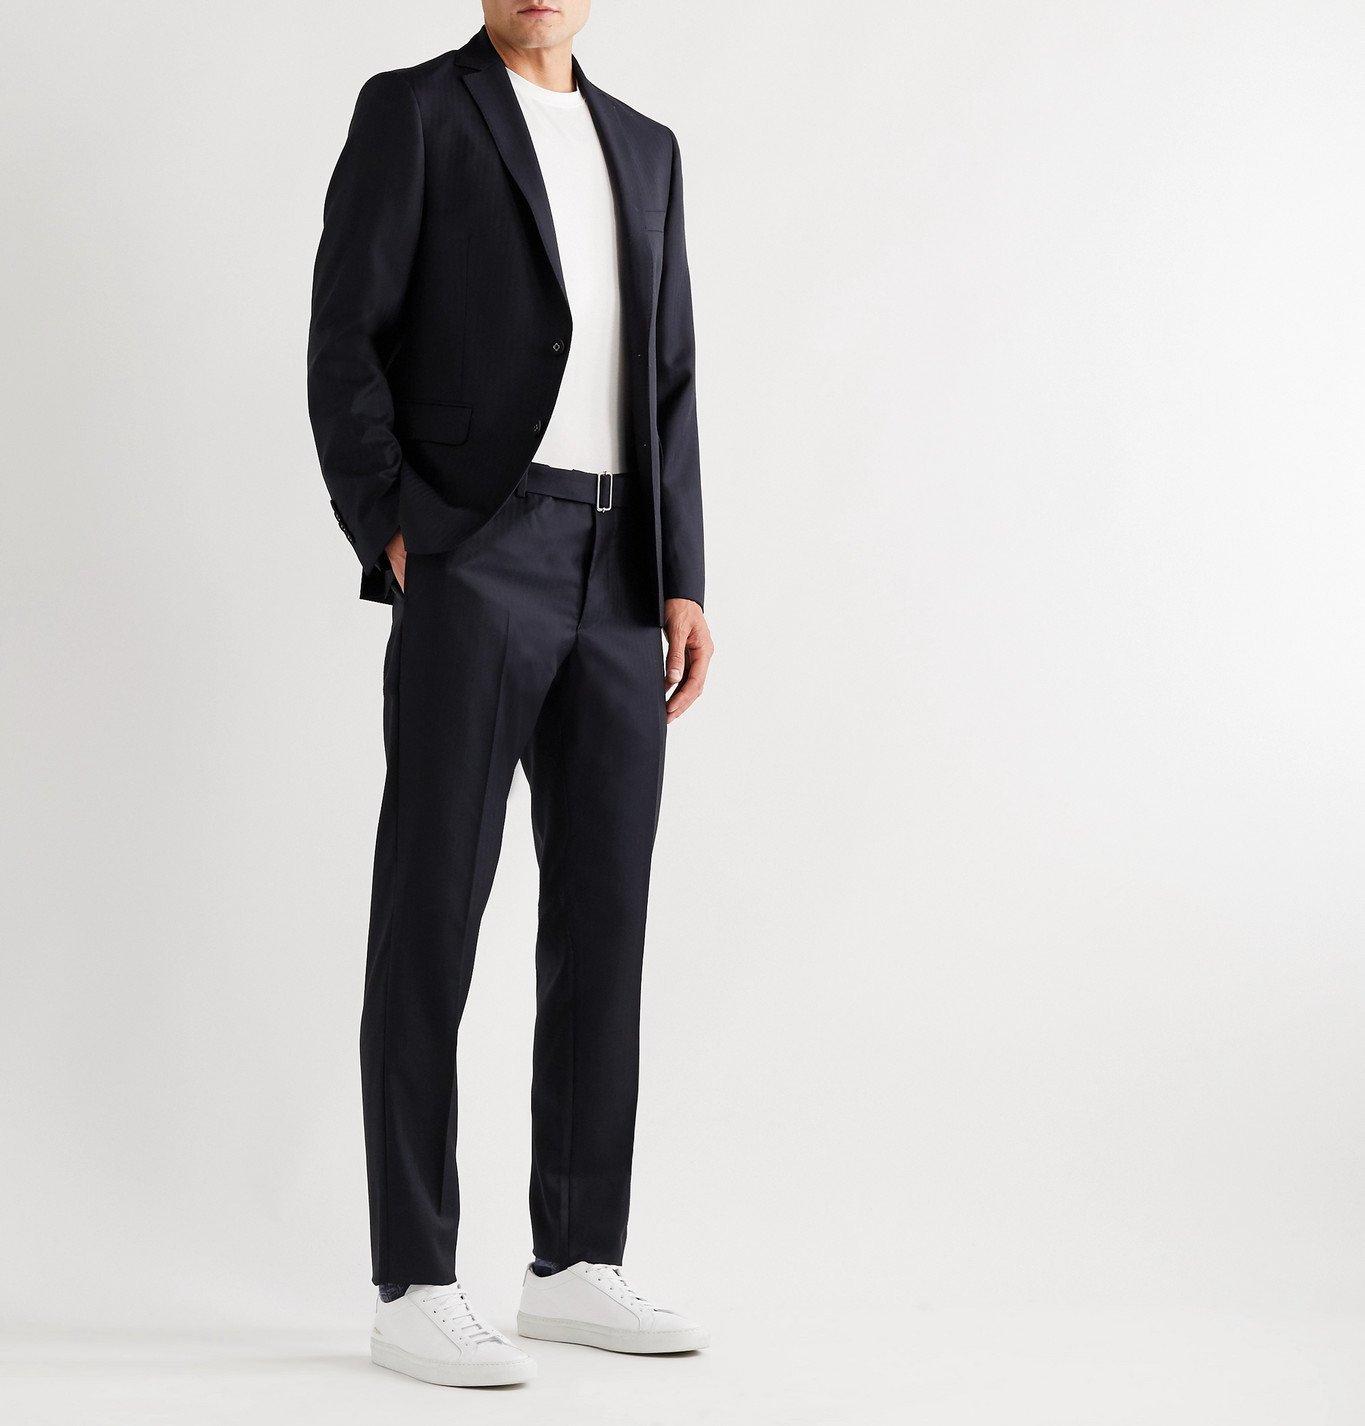 Officine Generale - Paul Herringbone Wool Suit Trousers - Blue